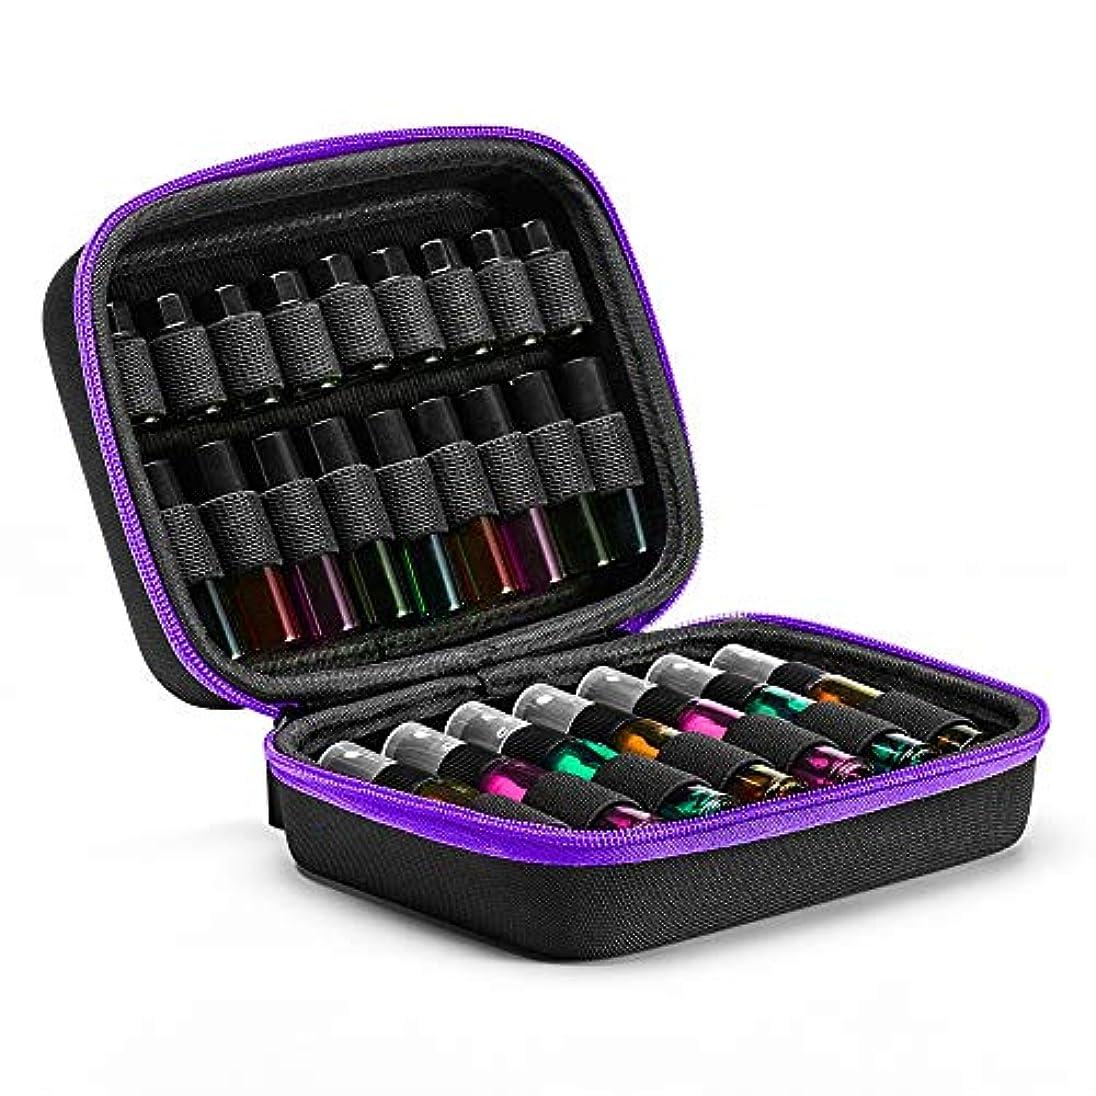 結婚した夢ボイドエッセンシャルオイル収納ボックス 女性のためのエッセンシャルオイルキャリングケースのローラーボトルオーガナイザーストレージ(トップのハンドルキャリー) ポータブル収納ボックス (色 : 紫の, サイズ : 18X14X8CM)